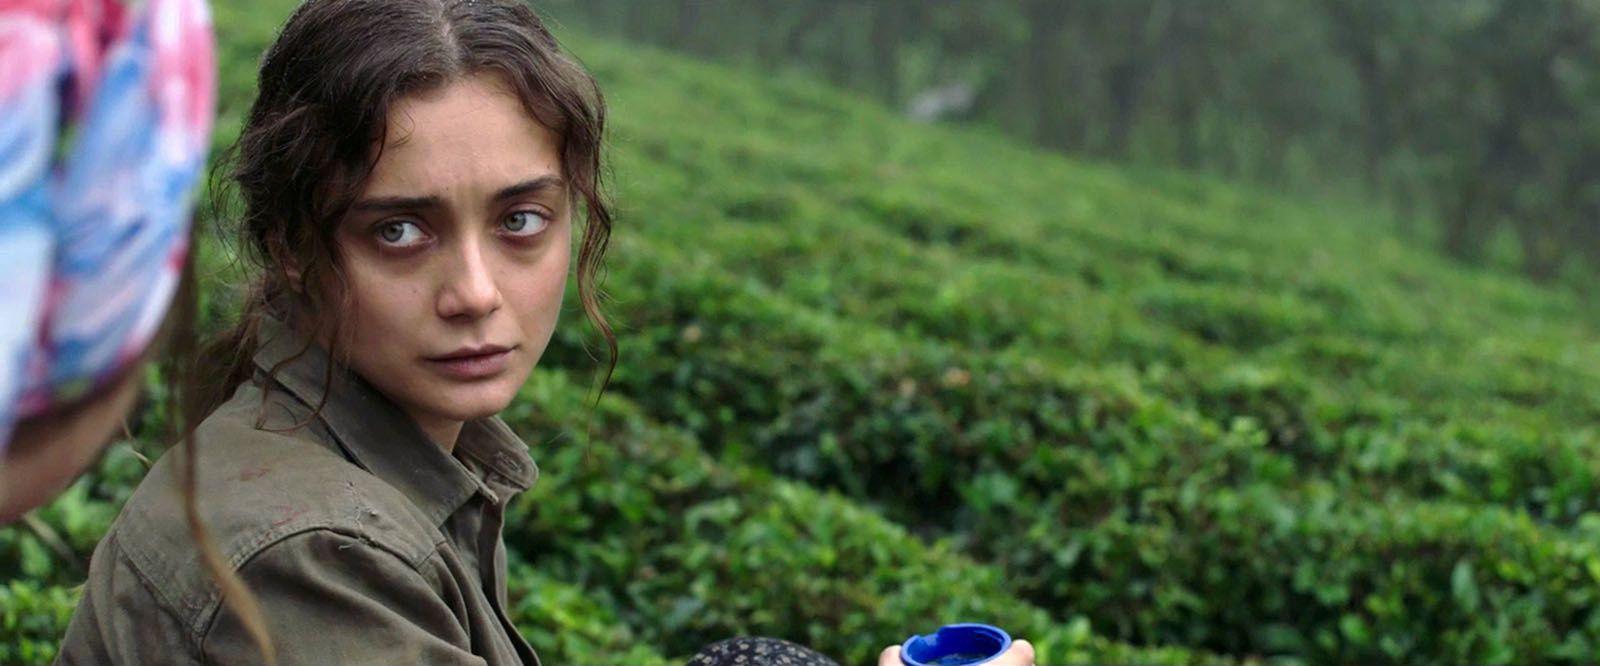 Sibel (BANDE-ANNONCE) de Guillaume Giovanetti et Çağla Zencirci - Le 6 mars 2019 au cinéma